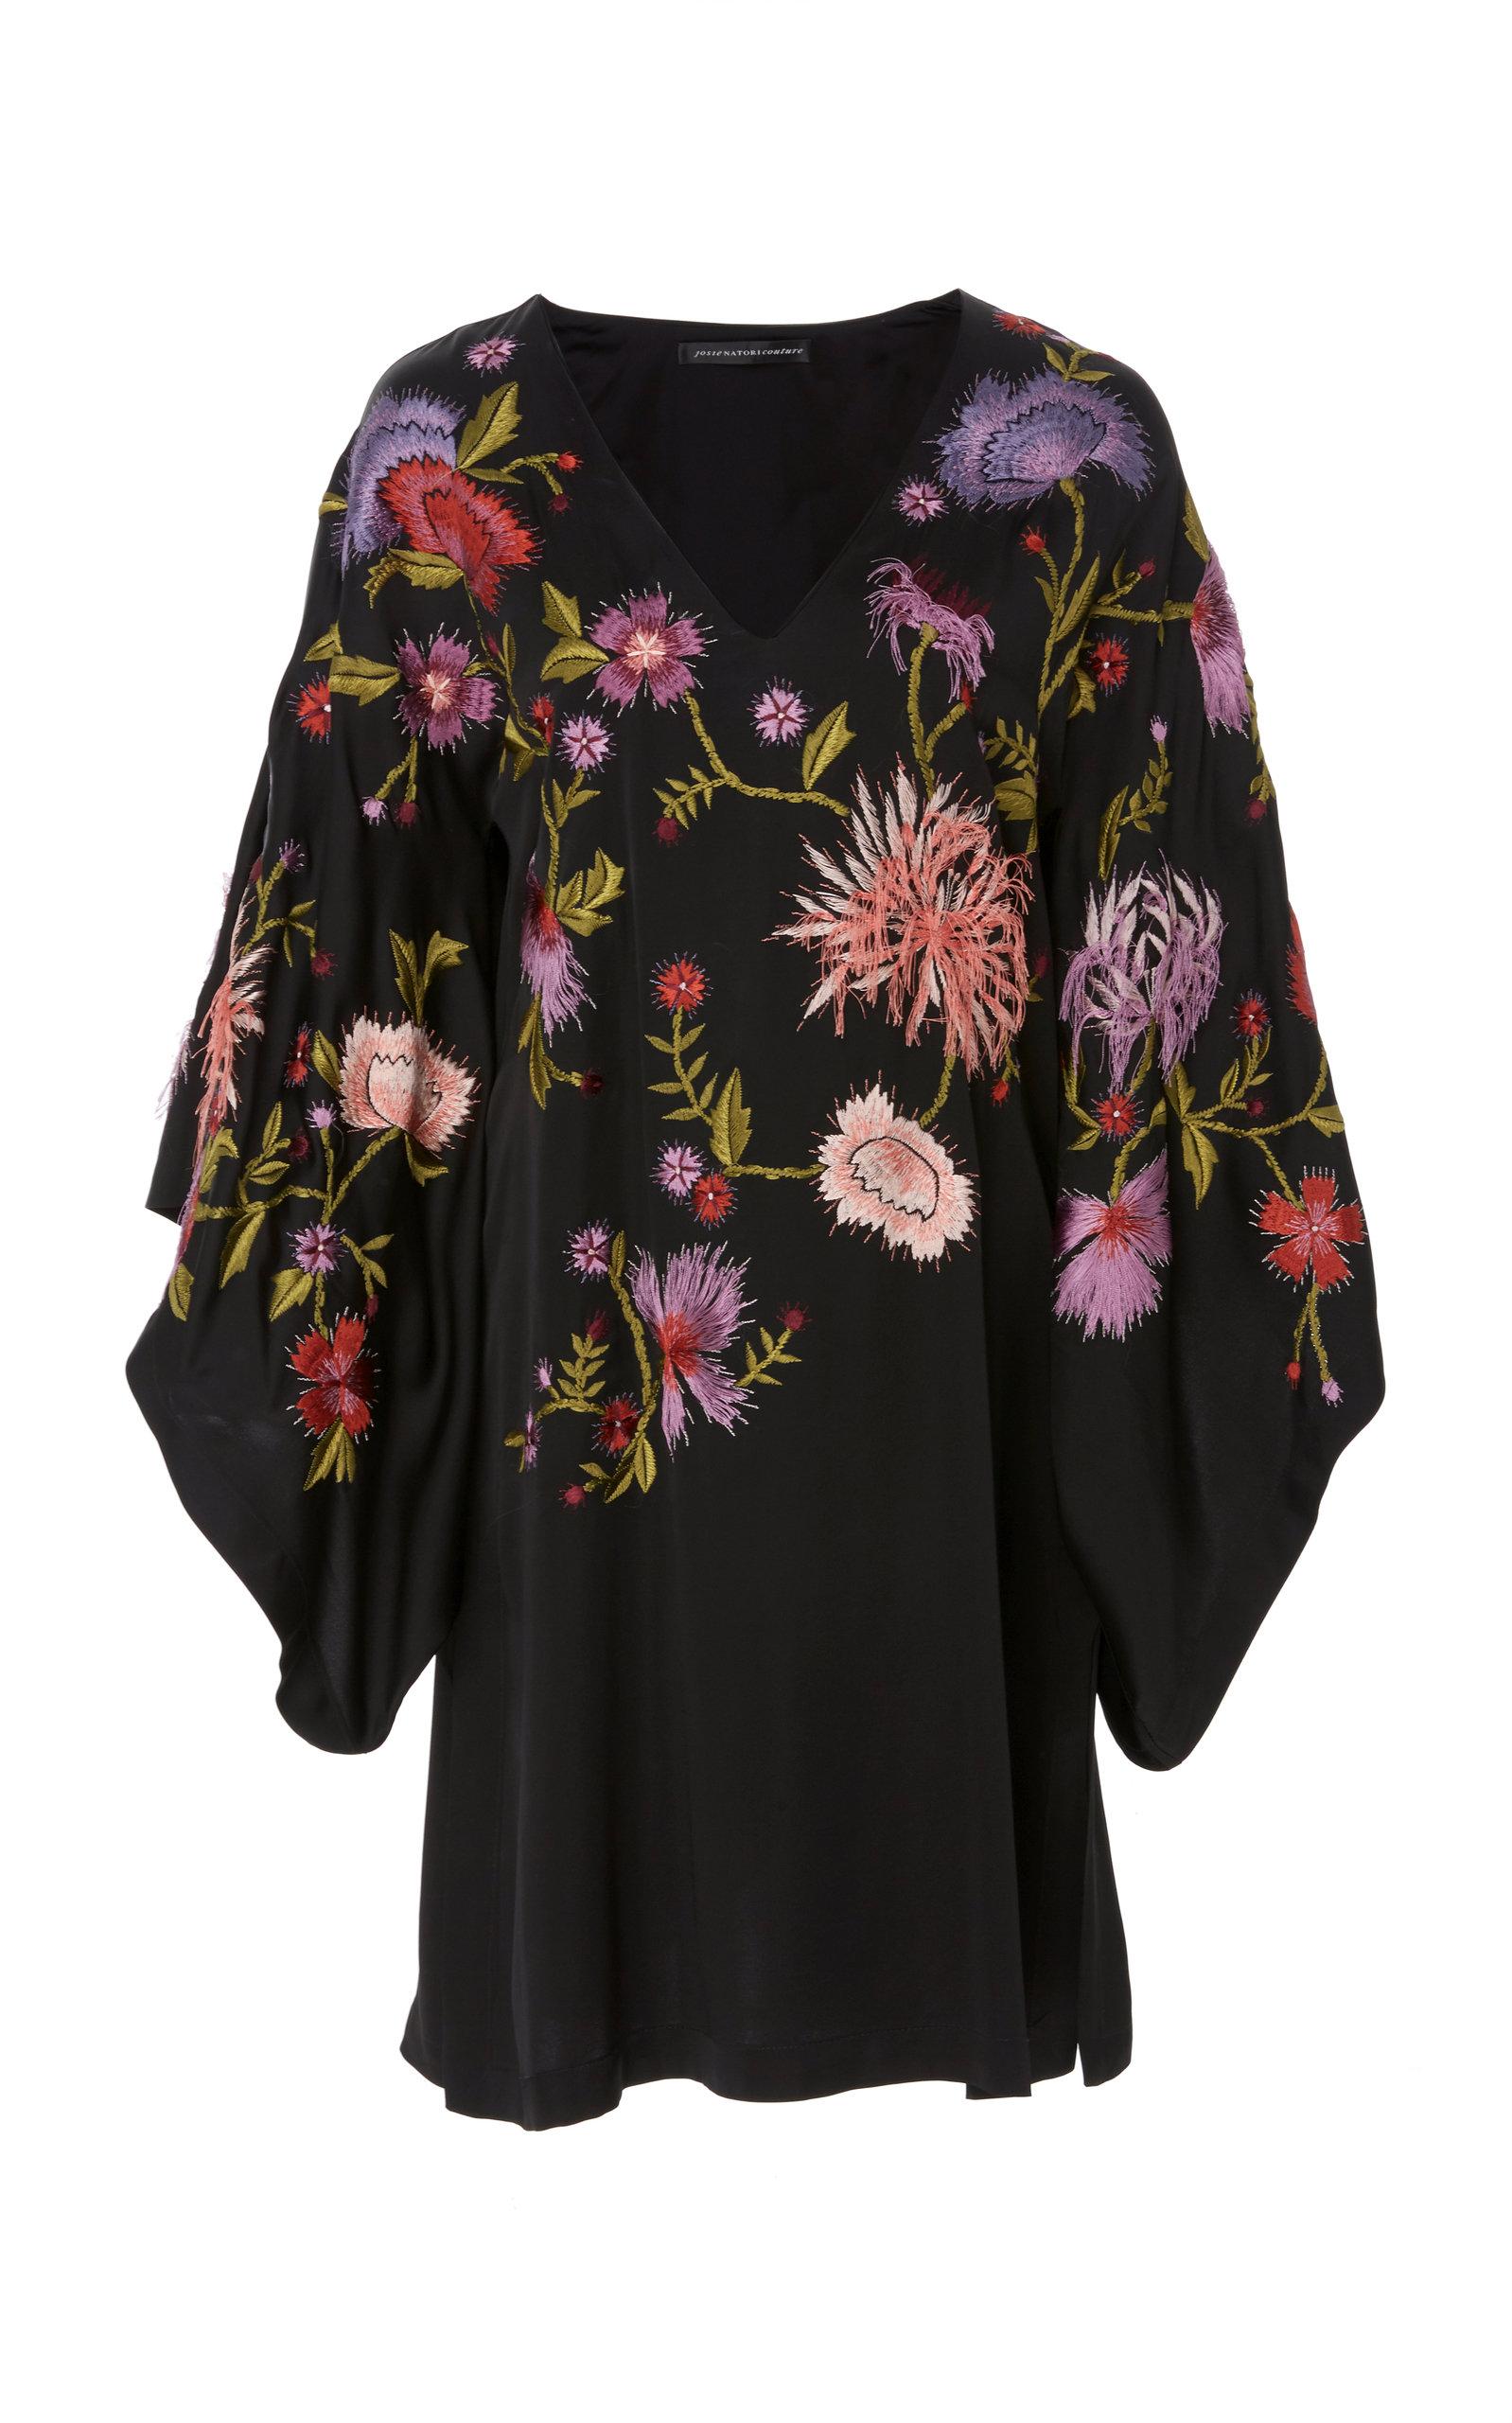 JOSIE NATORI COUTURE Kimono Top in Print